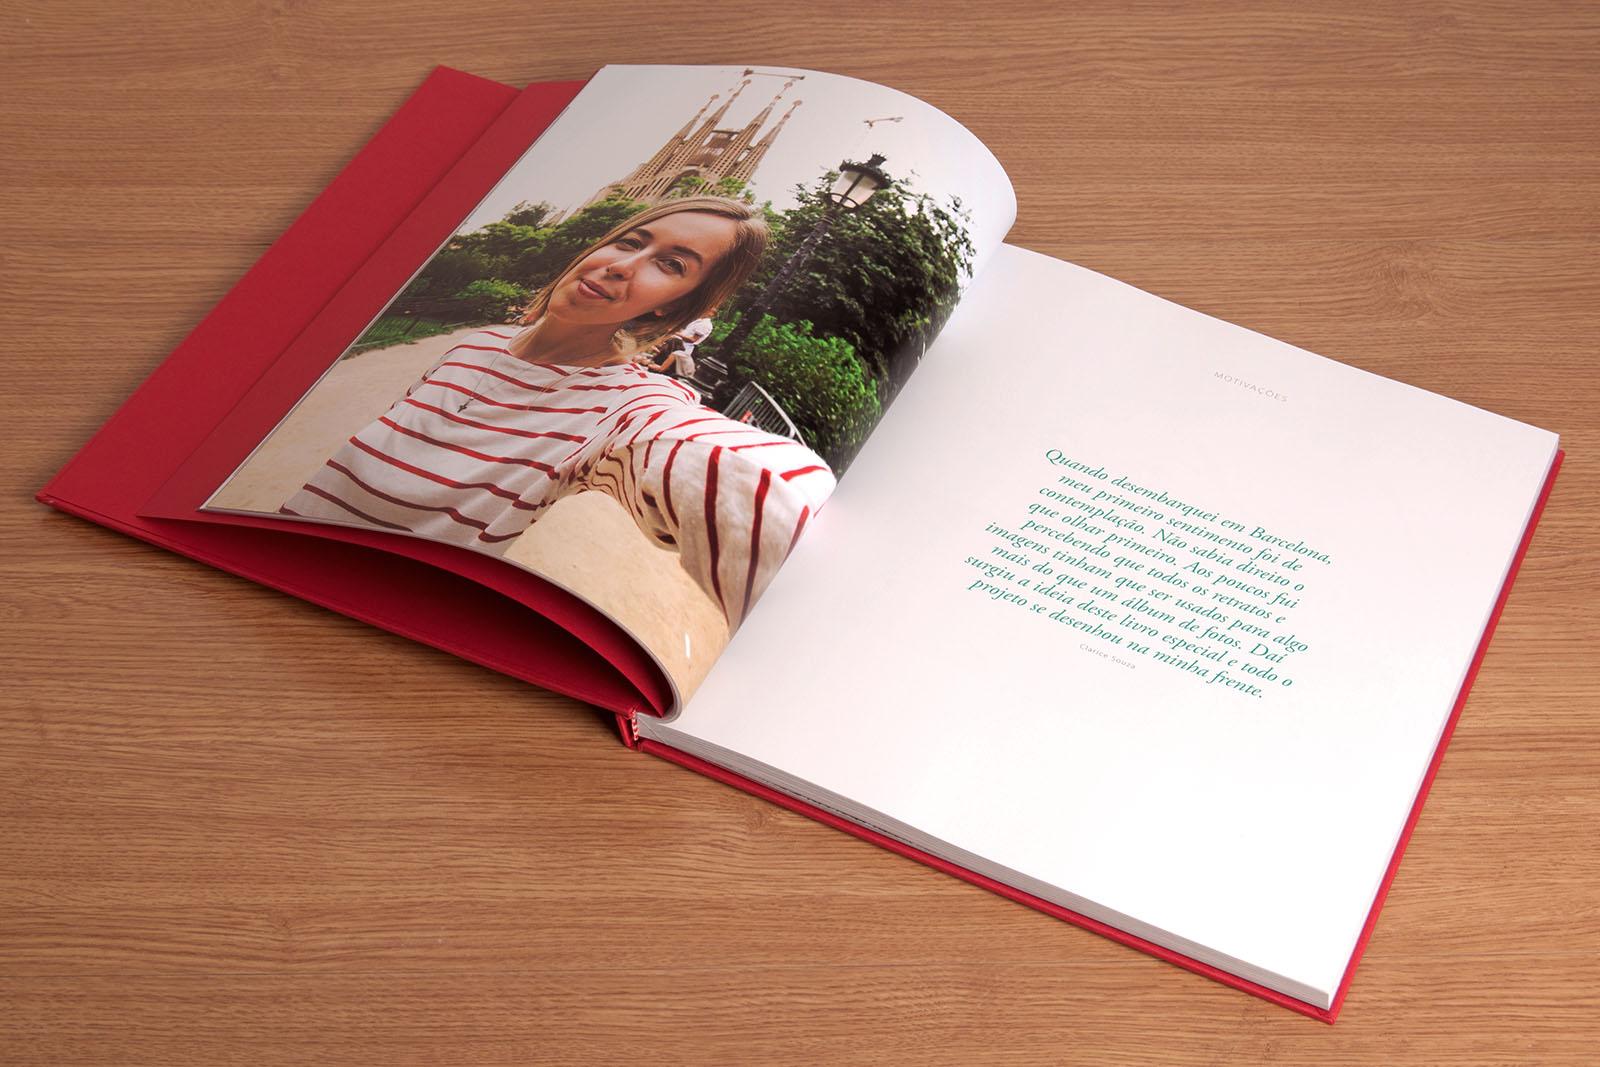 livro livrarte 3